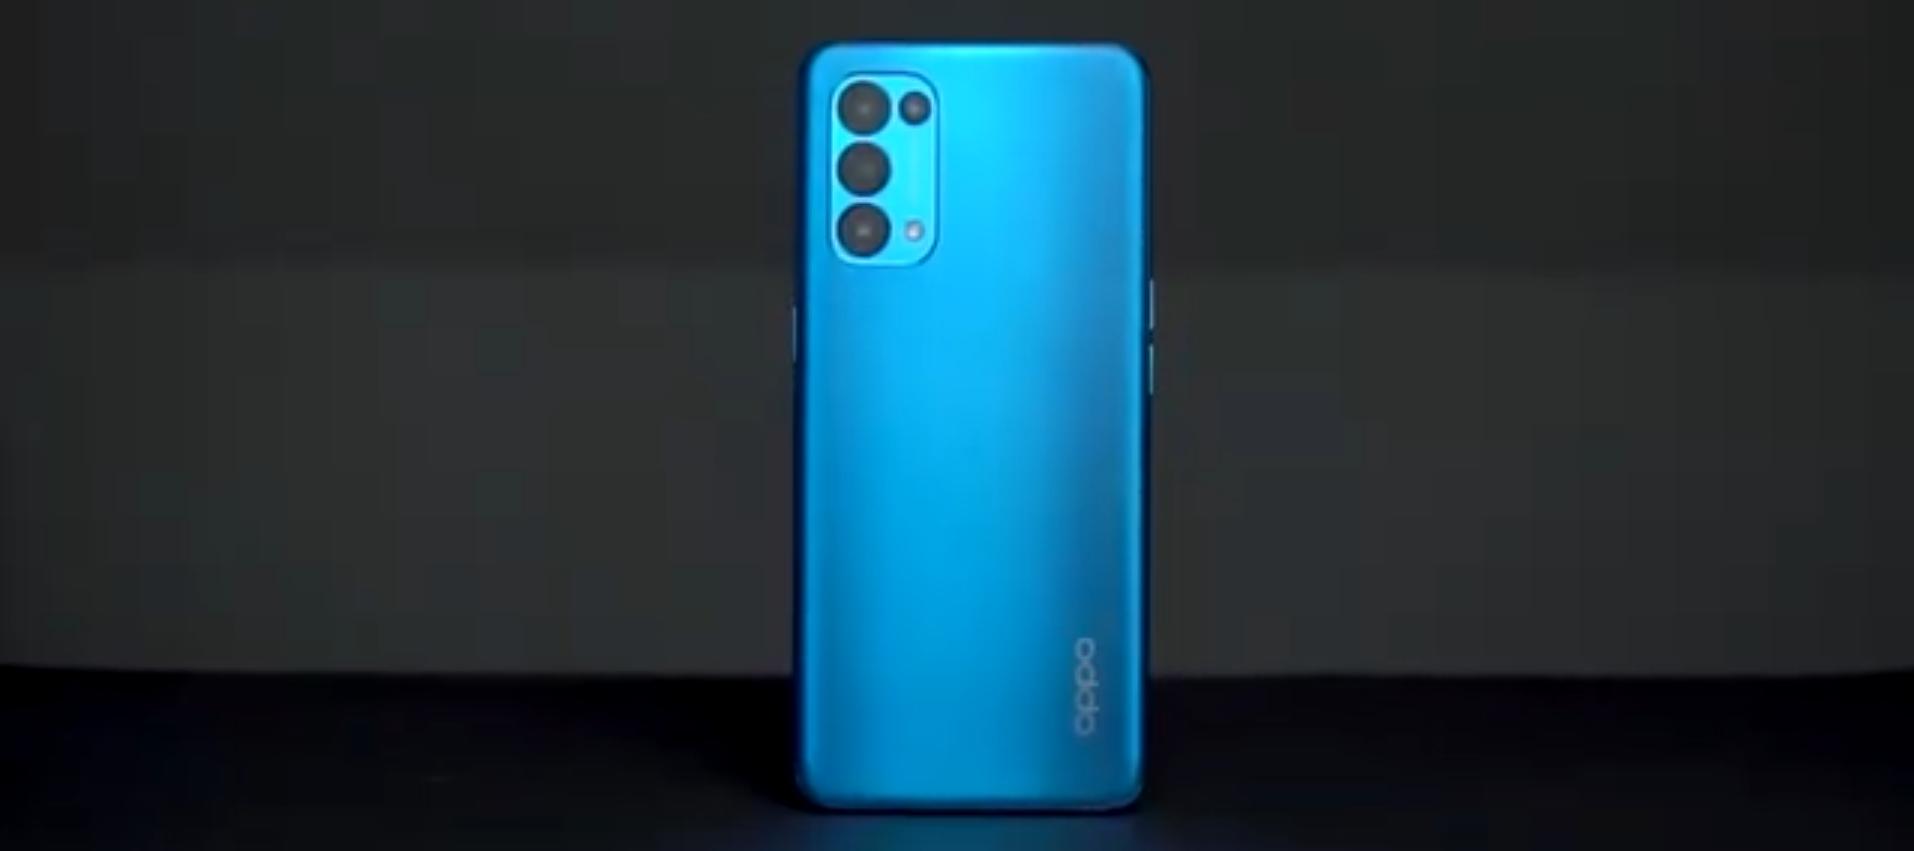 Zu teuer: OPPO Find X3 Lite 5G - Mein Erfahrungsbericht